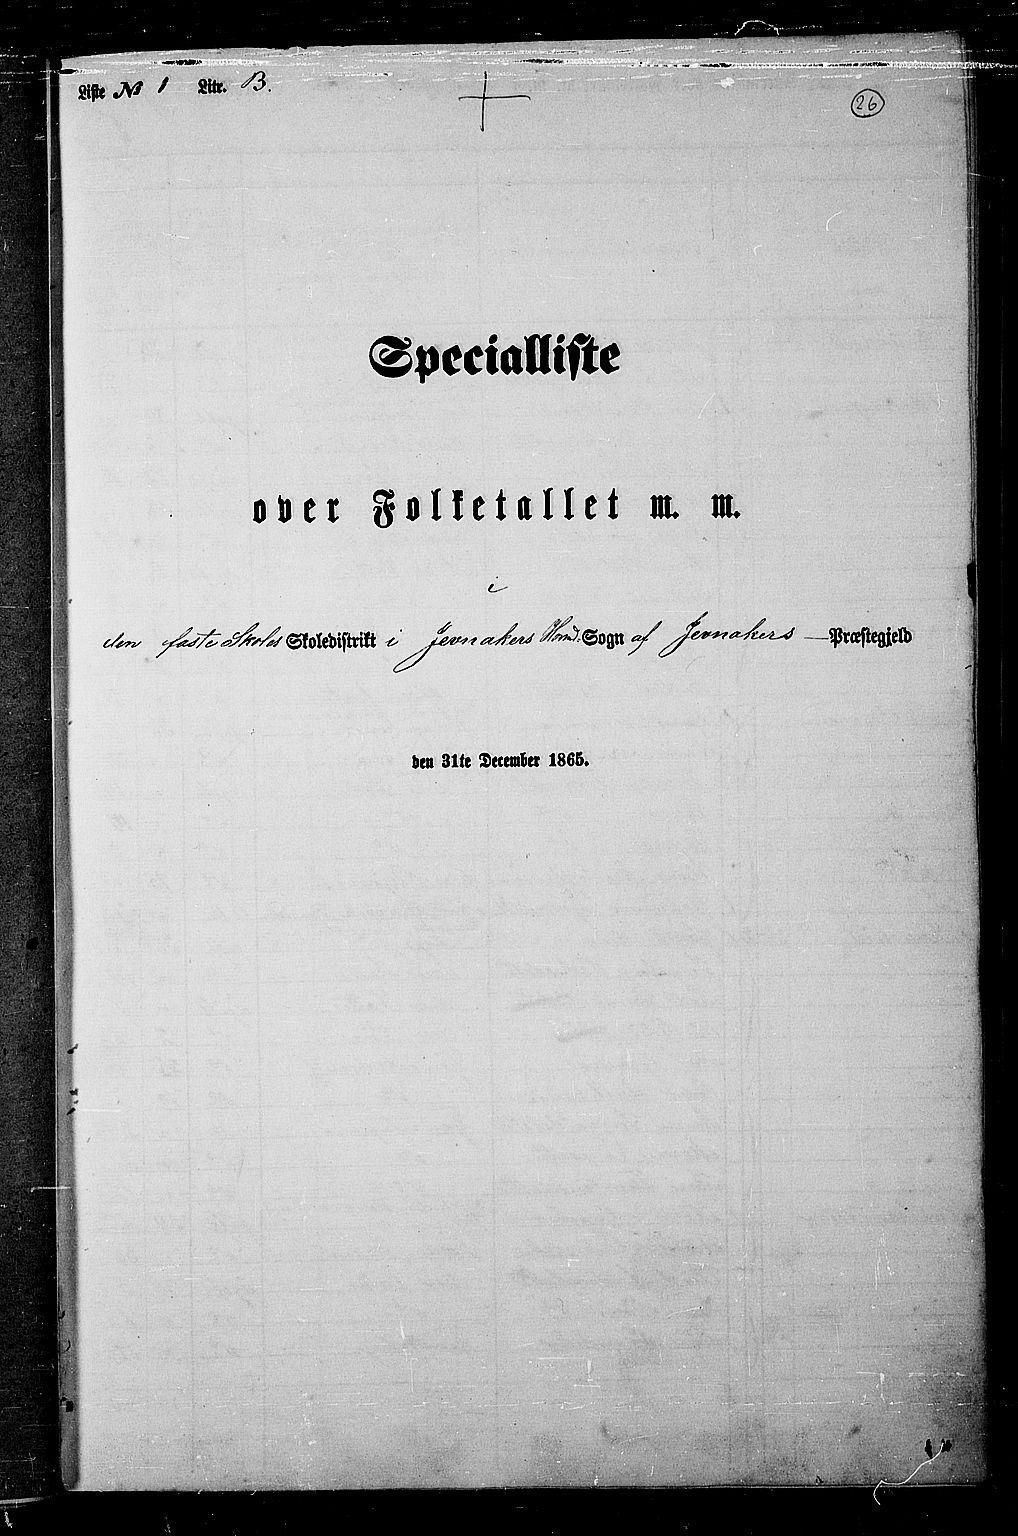 RA, Folketelling 1865 for 0532P Jevnaker prestegjeld, 1865, s. 25